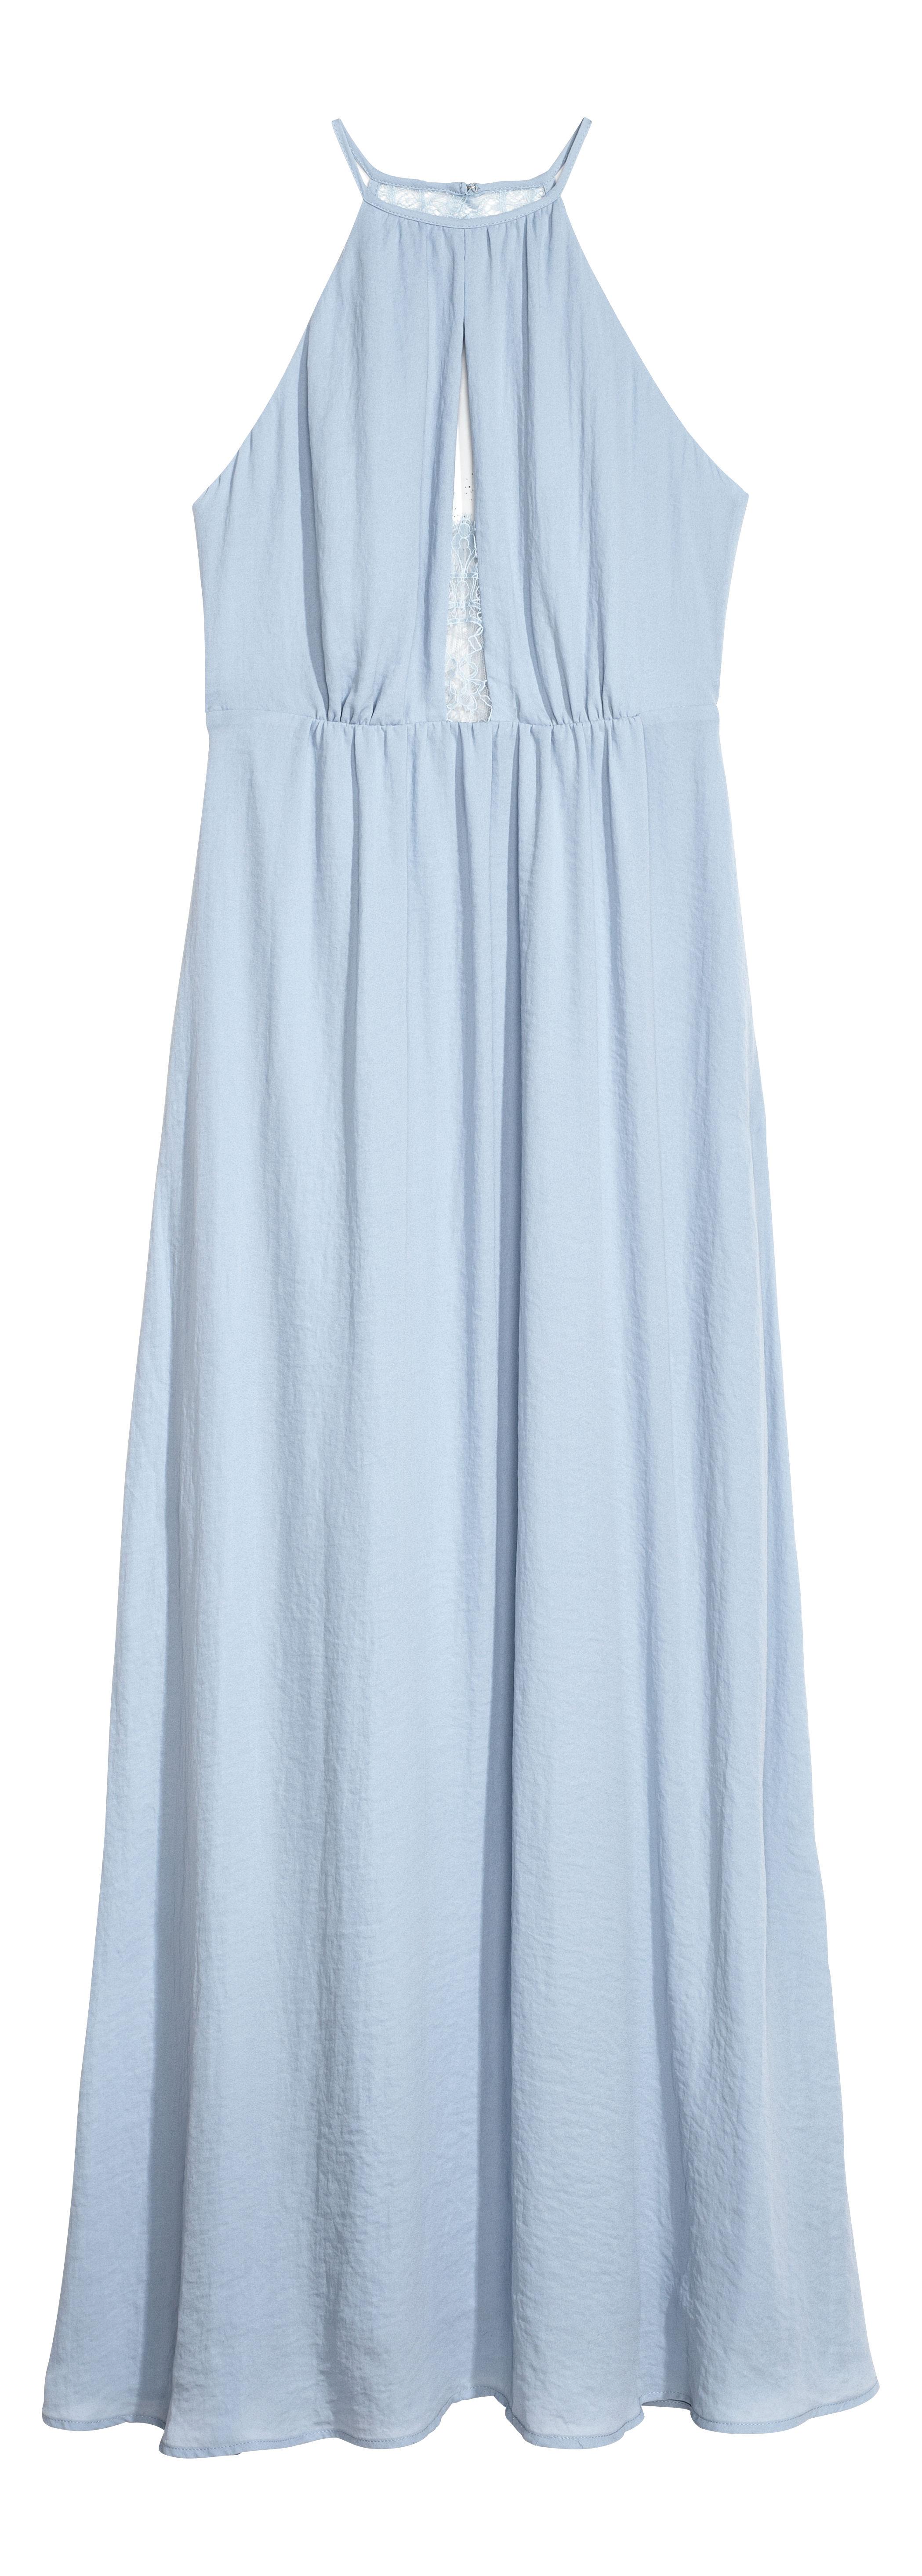 2fb616ba4ff0 H&M Kläder & Skor   Shoppa Online   Afound